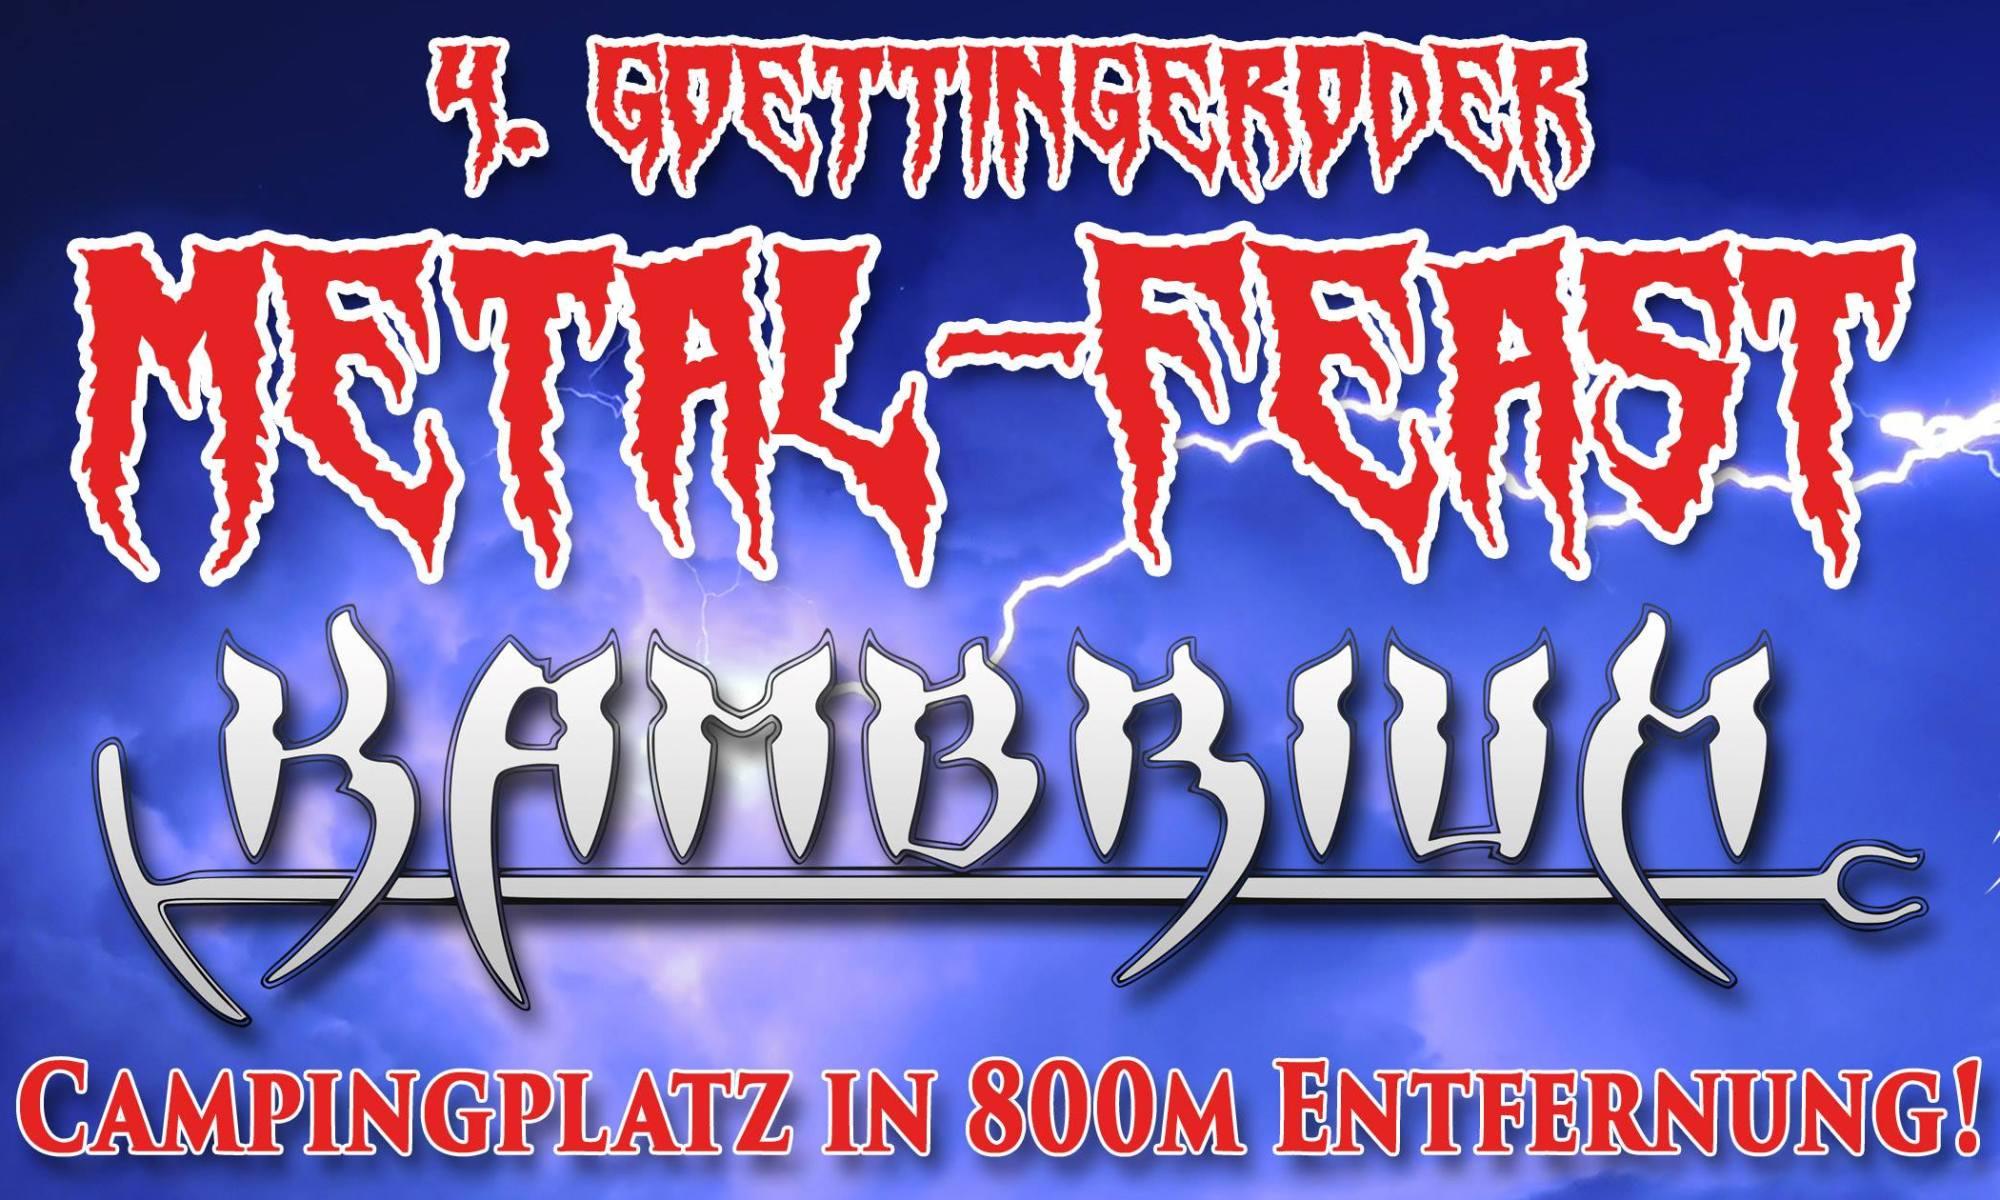 4. Goettingerode Metal Feast